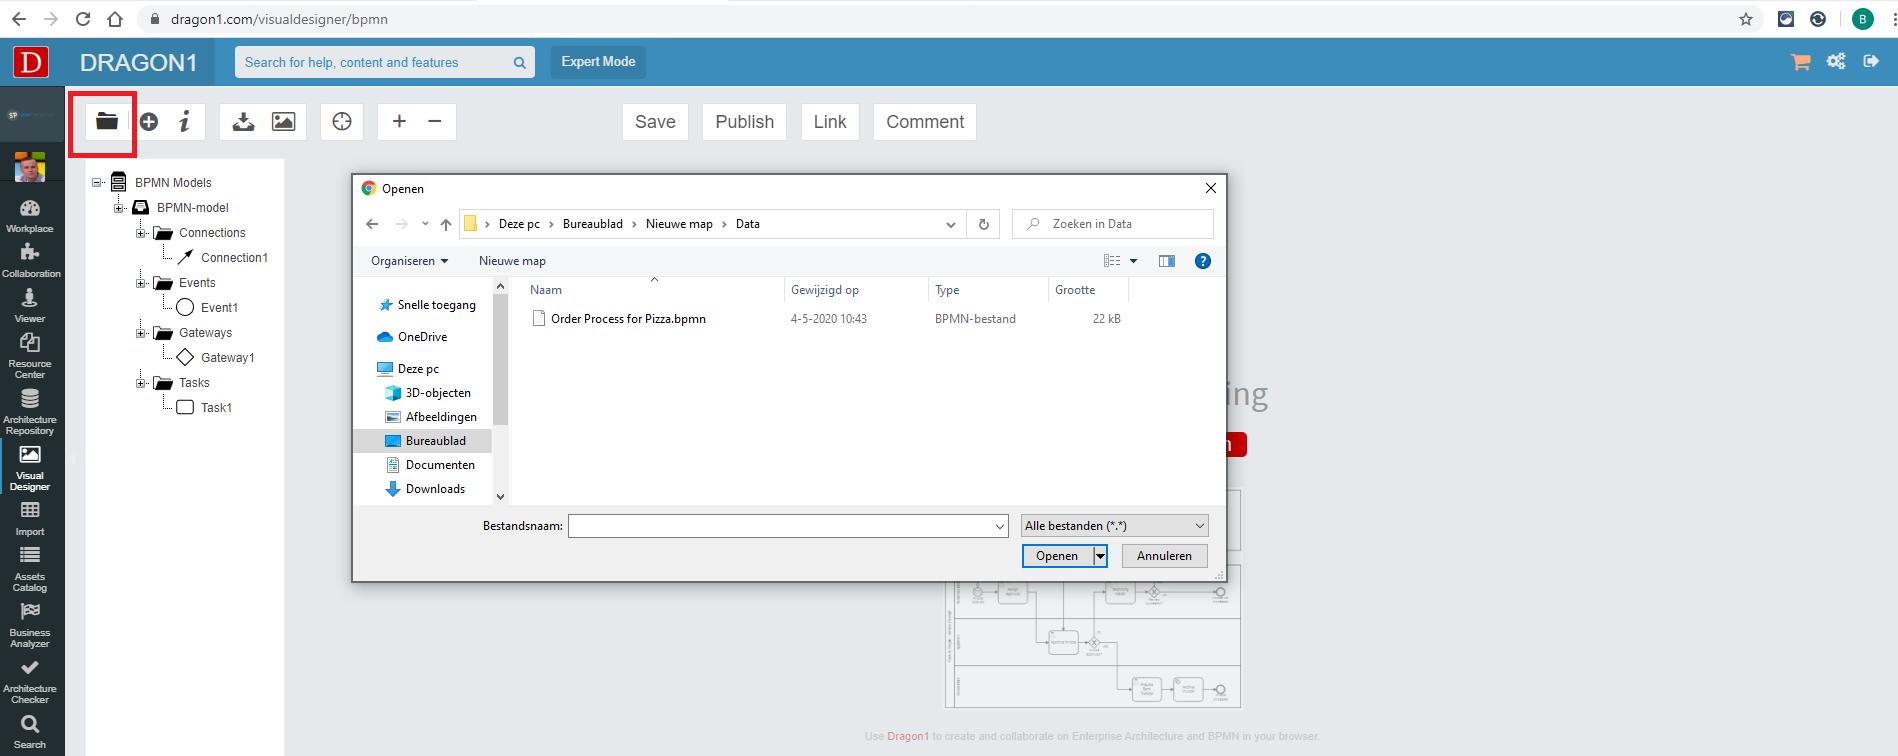 Import a BPMN file in the Visual Designer